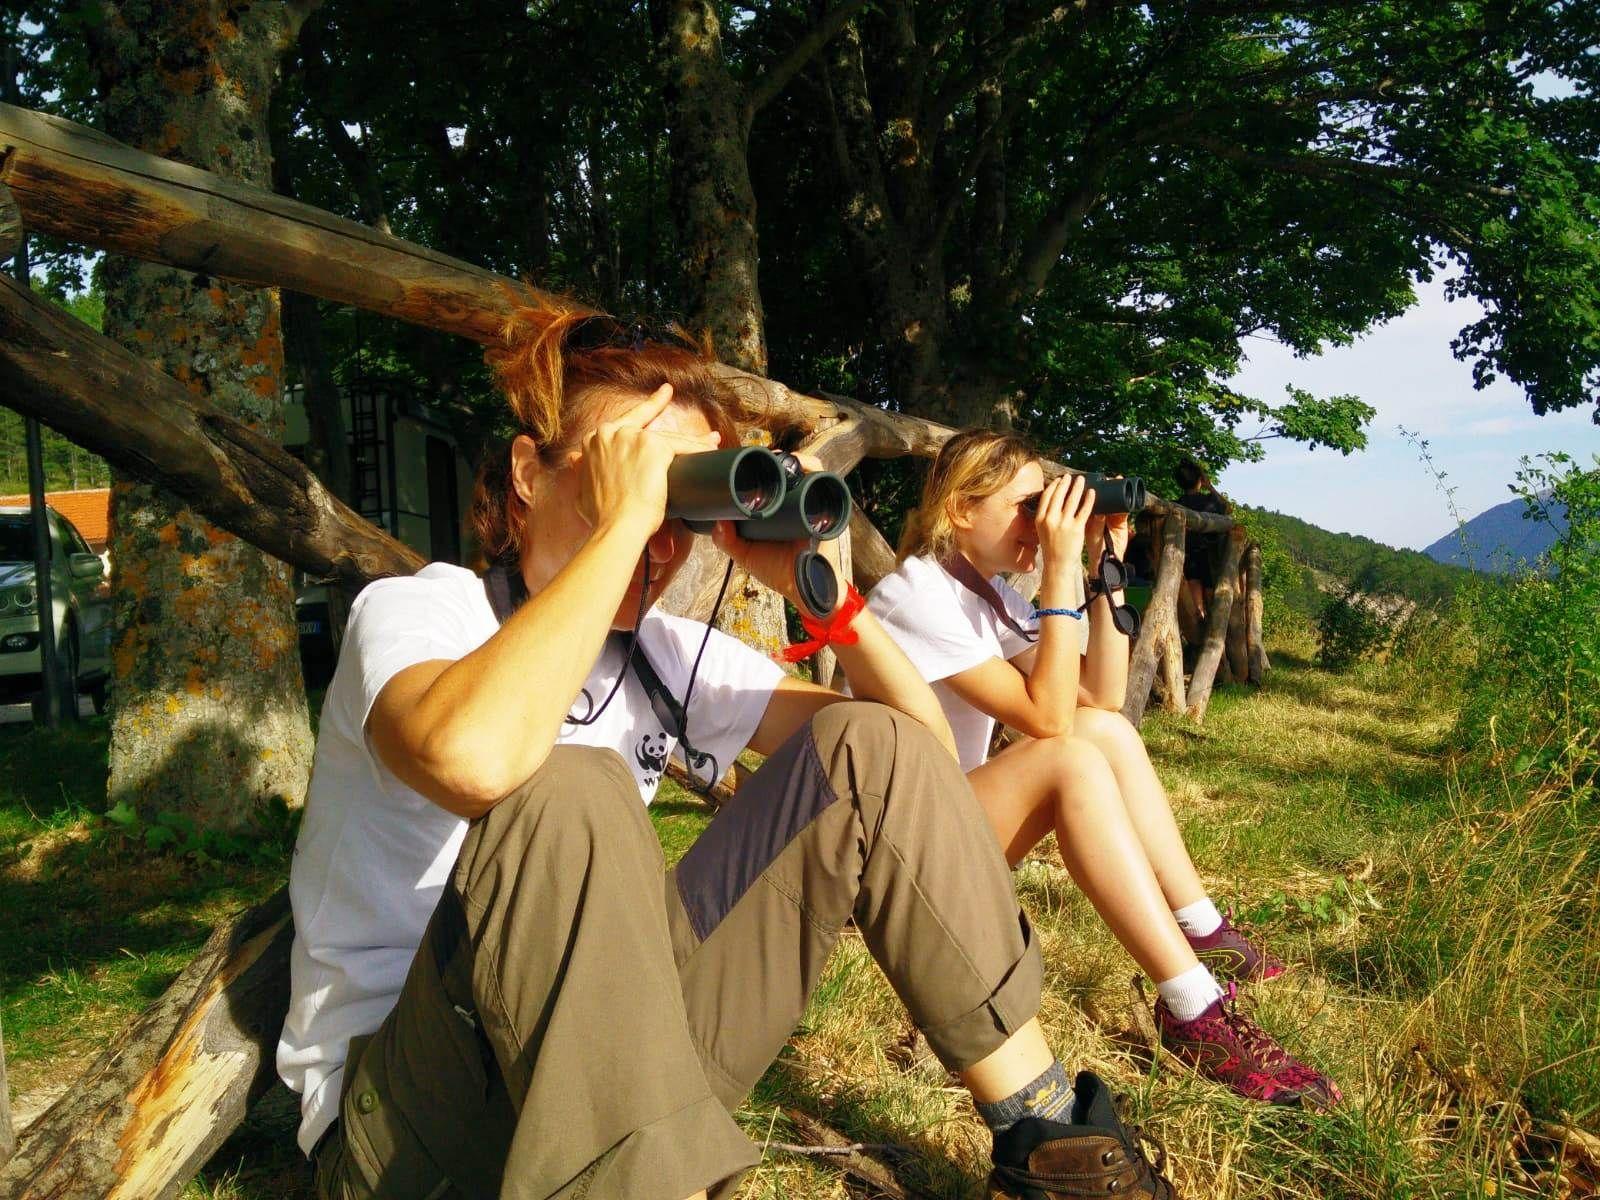 Proteggere l'Orso Bruno Marsicano. Il WWF cerca volontari per attività di tutela in Abruzzo